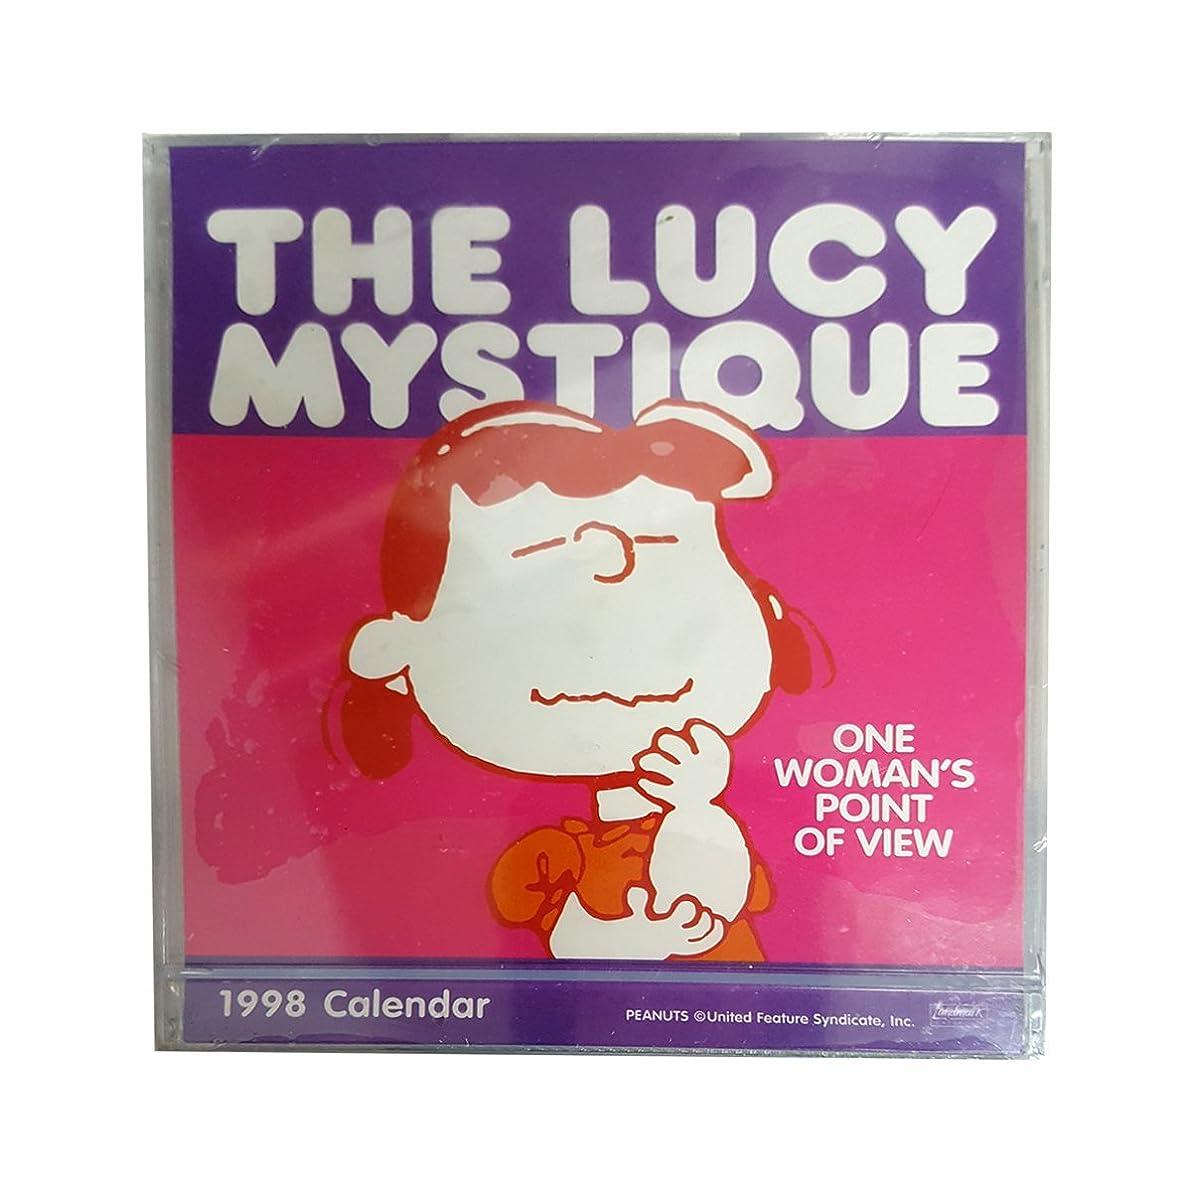 コメンテーター触手排除するCal 98 Lucy Mystique: One Woman's Point of View